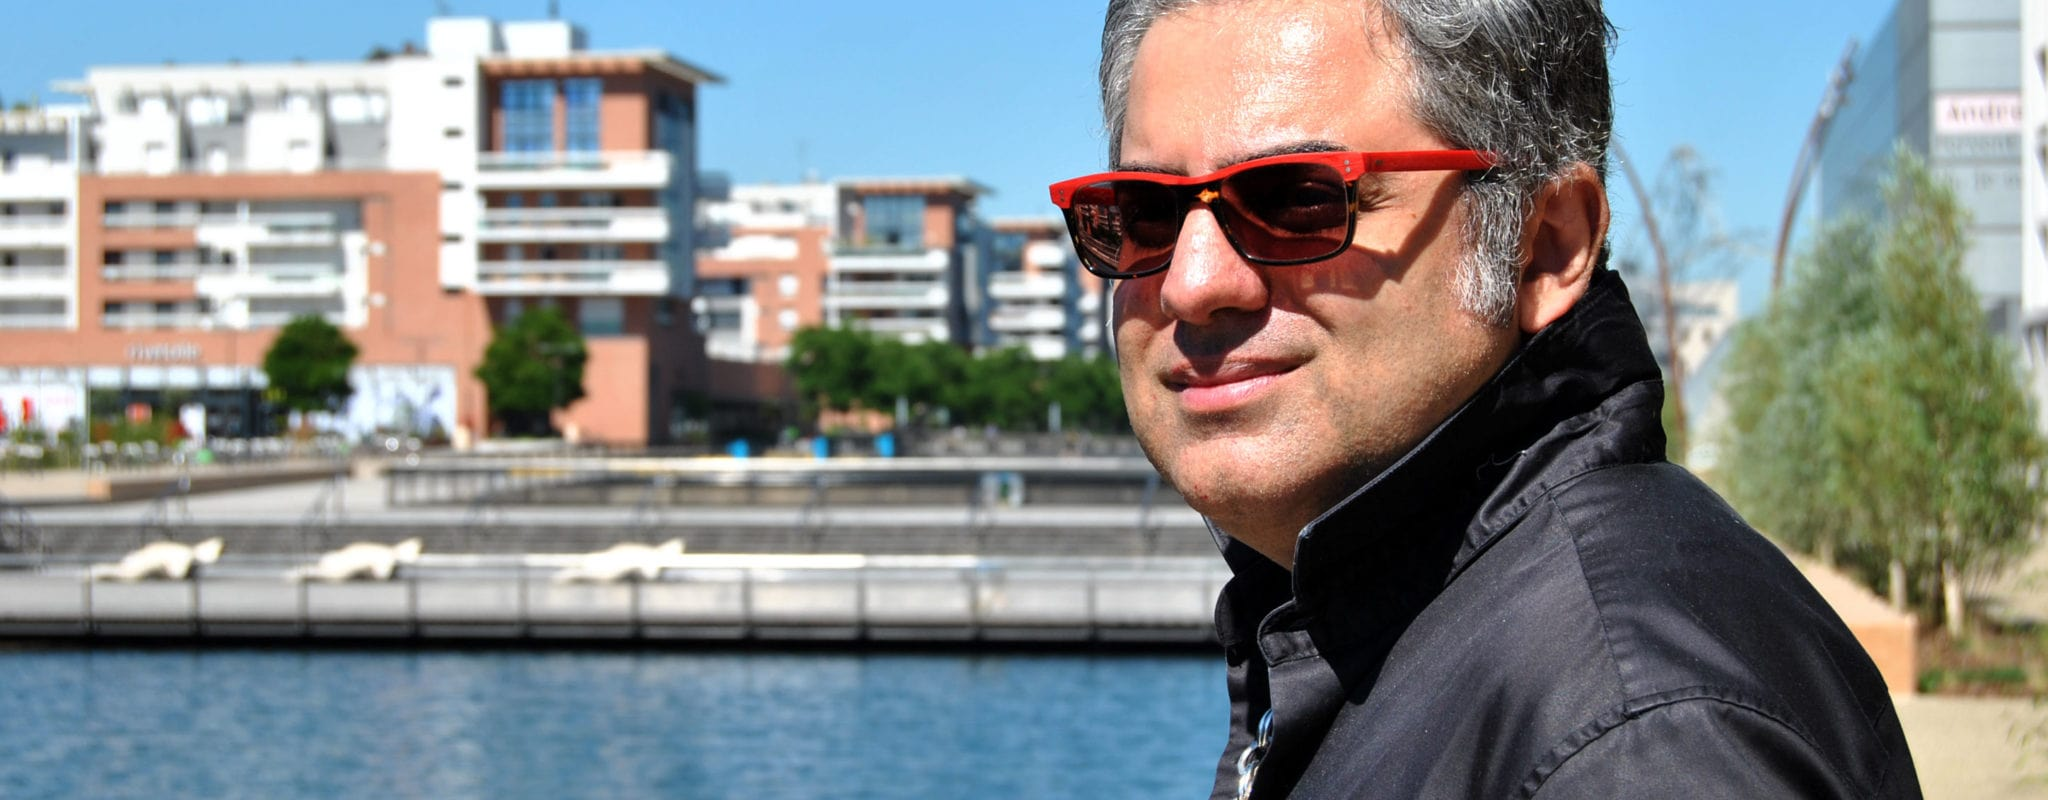 Chanteur d'opéra iranien, Leonardo Tajabadi est menacé de mort jusque dans son exil à Strasbourg